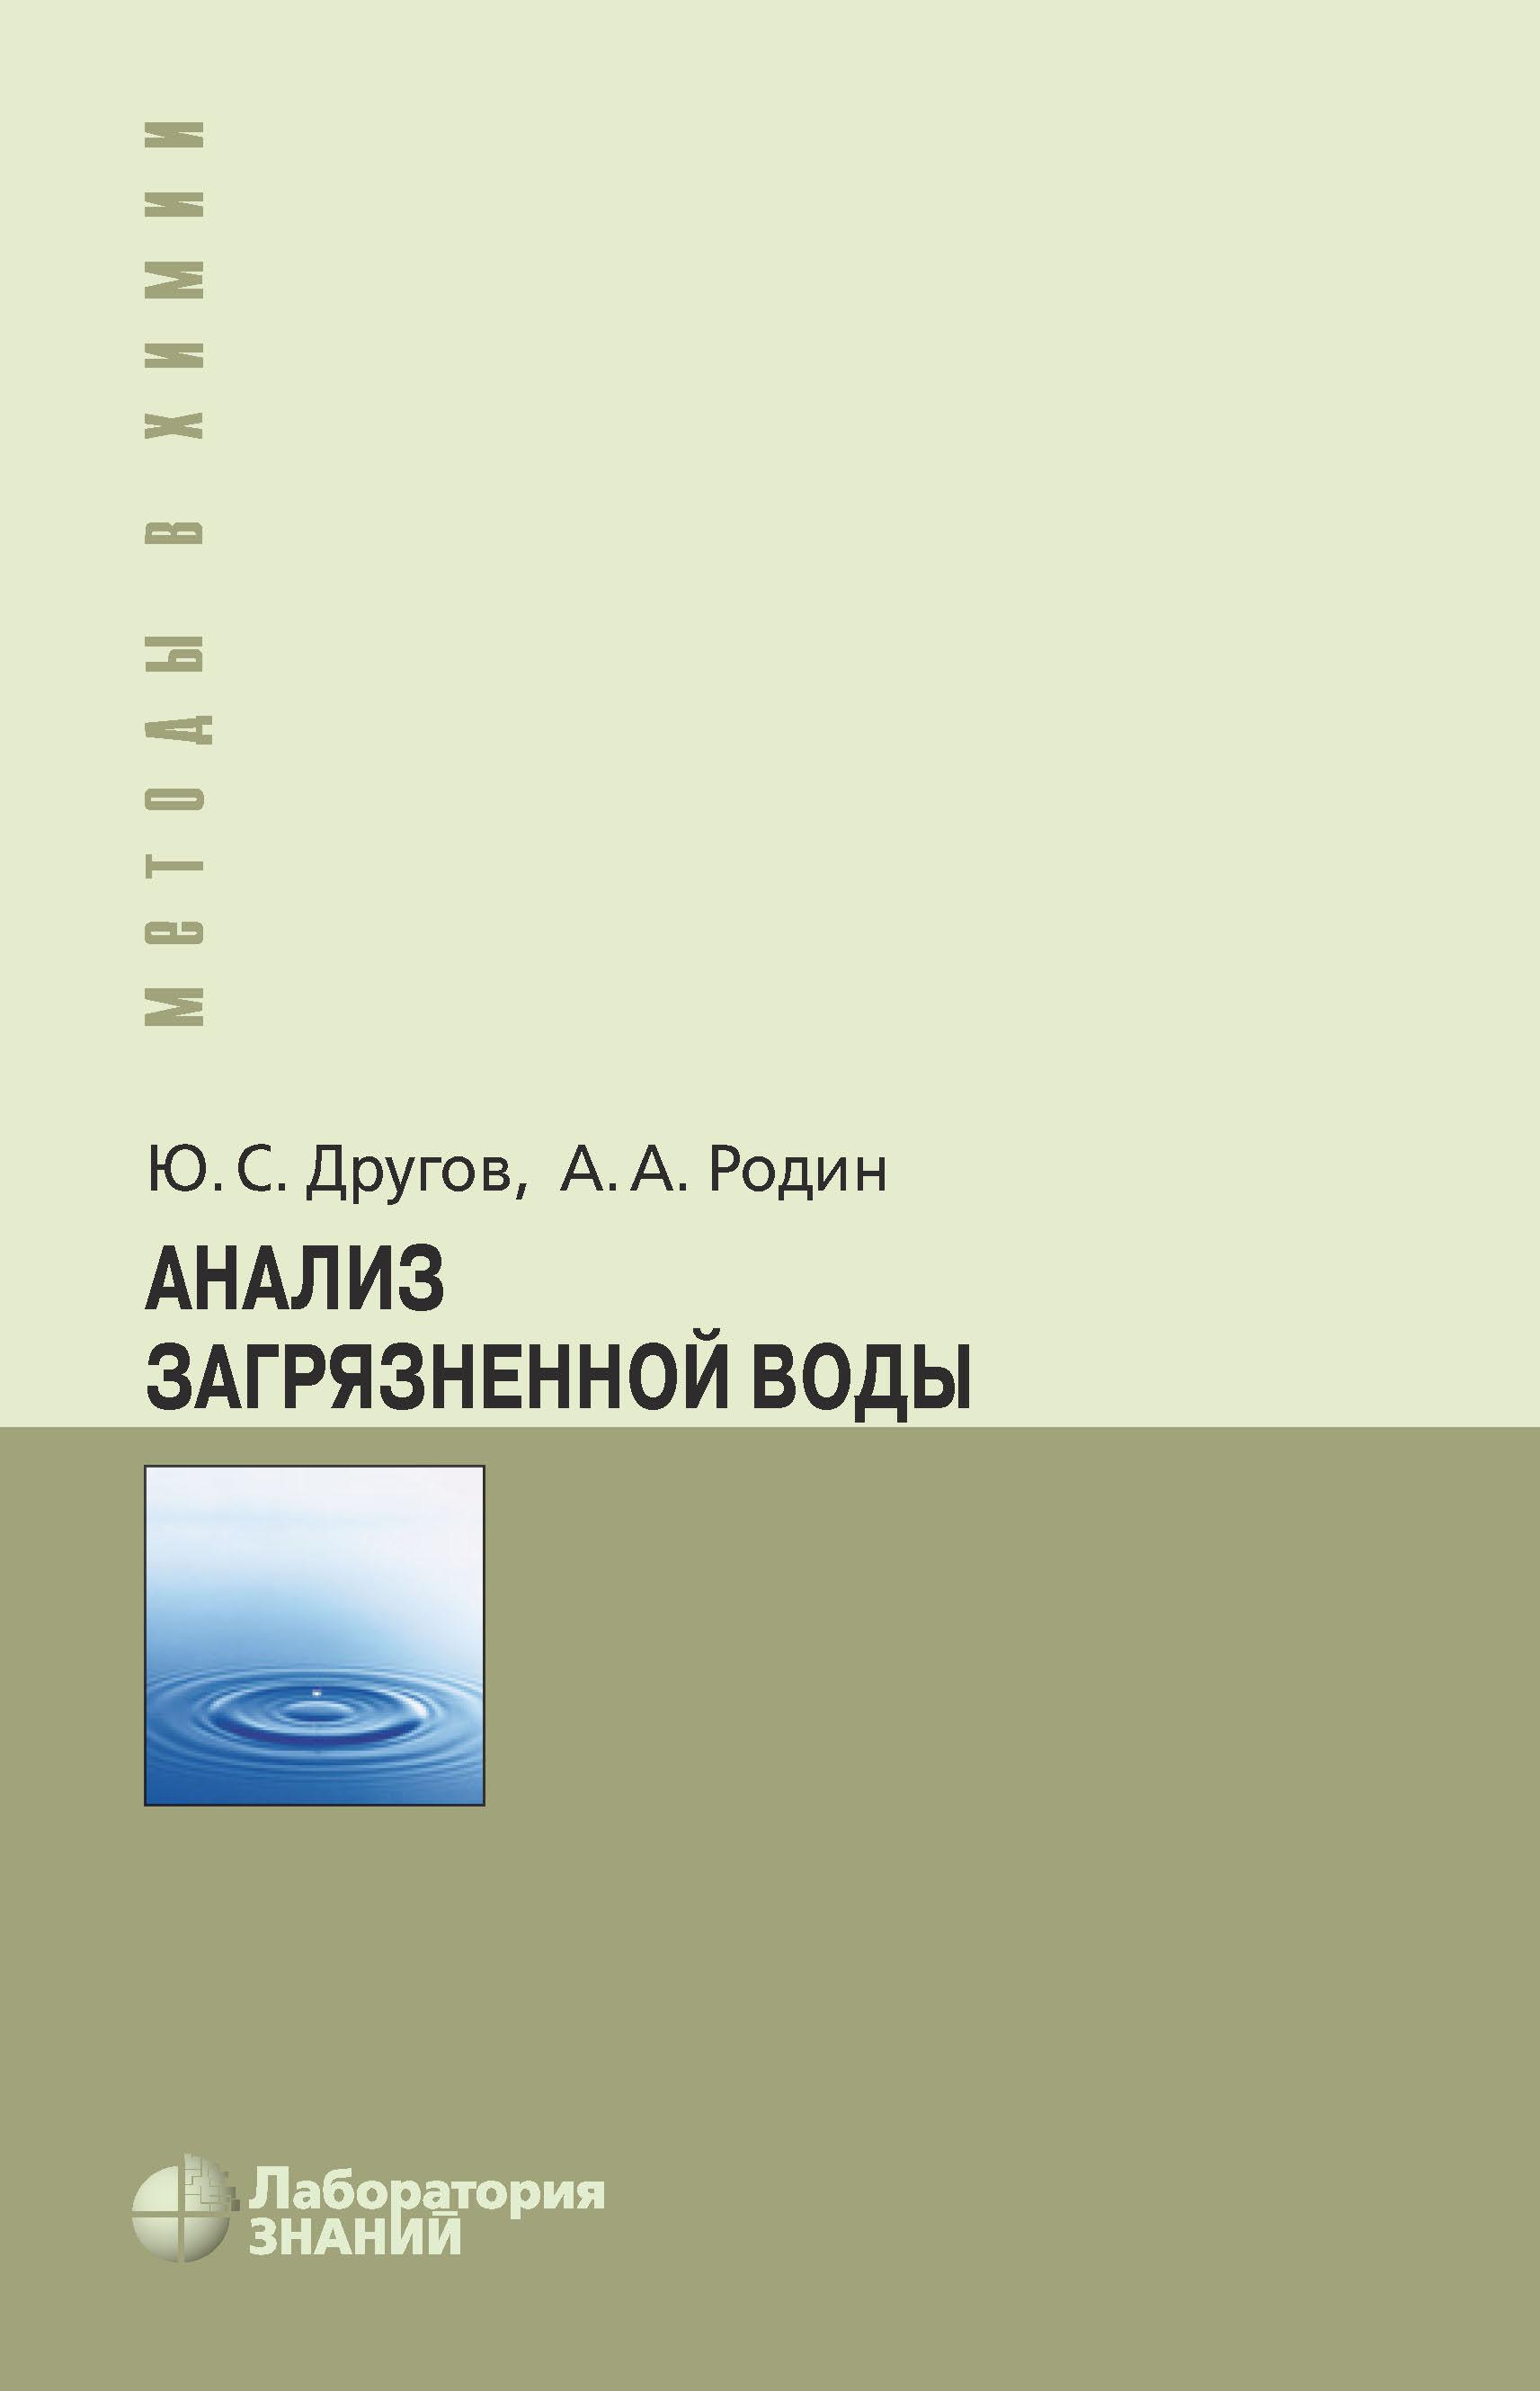 Анализ загрязненной воды. Практическое руководство